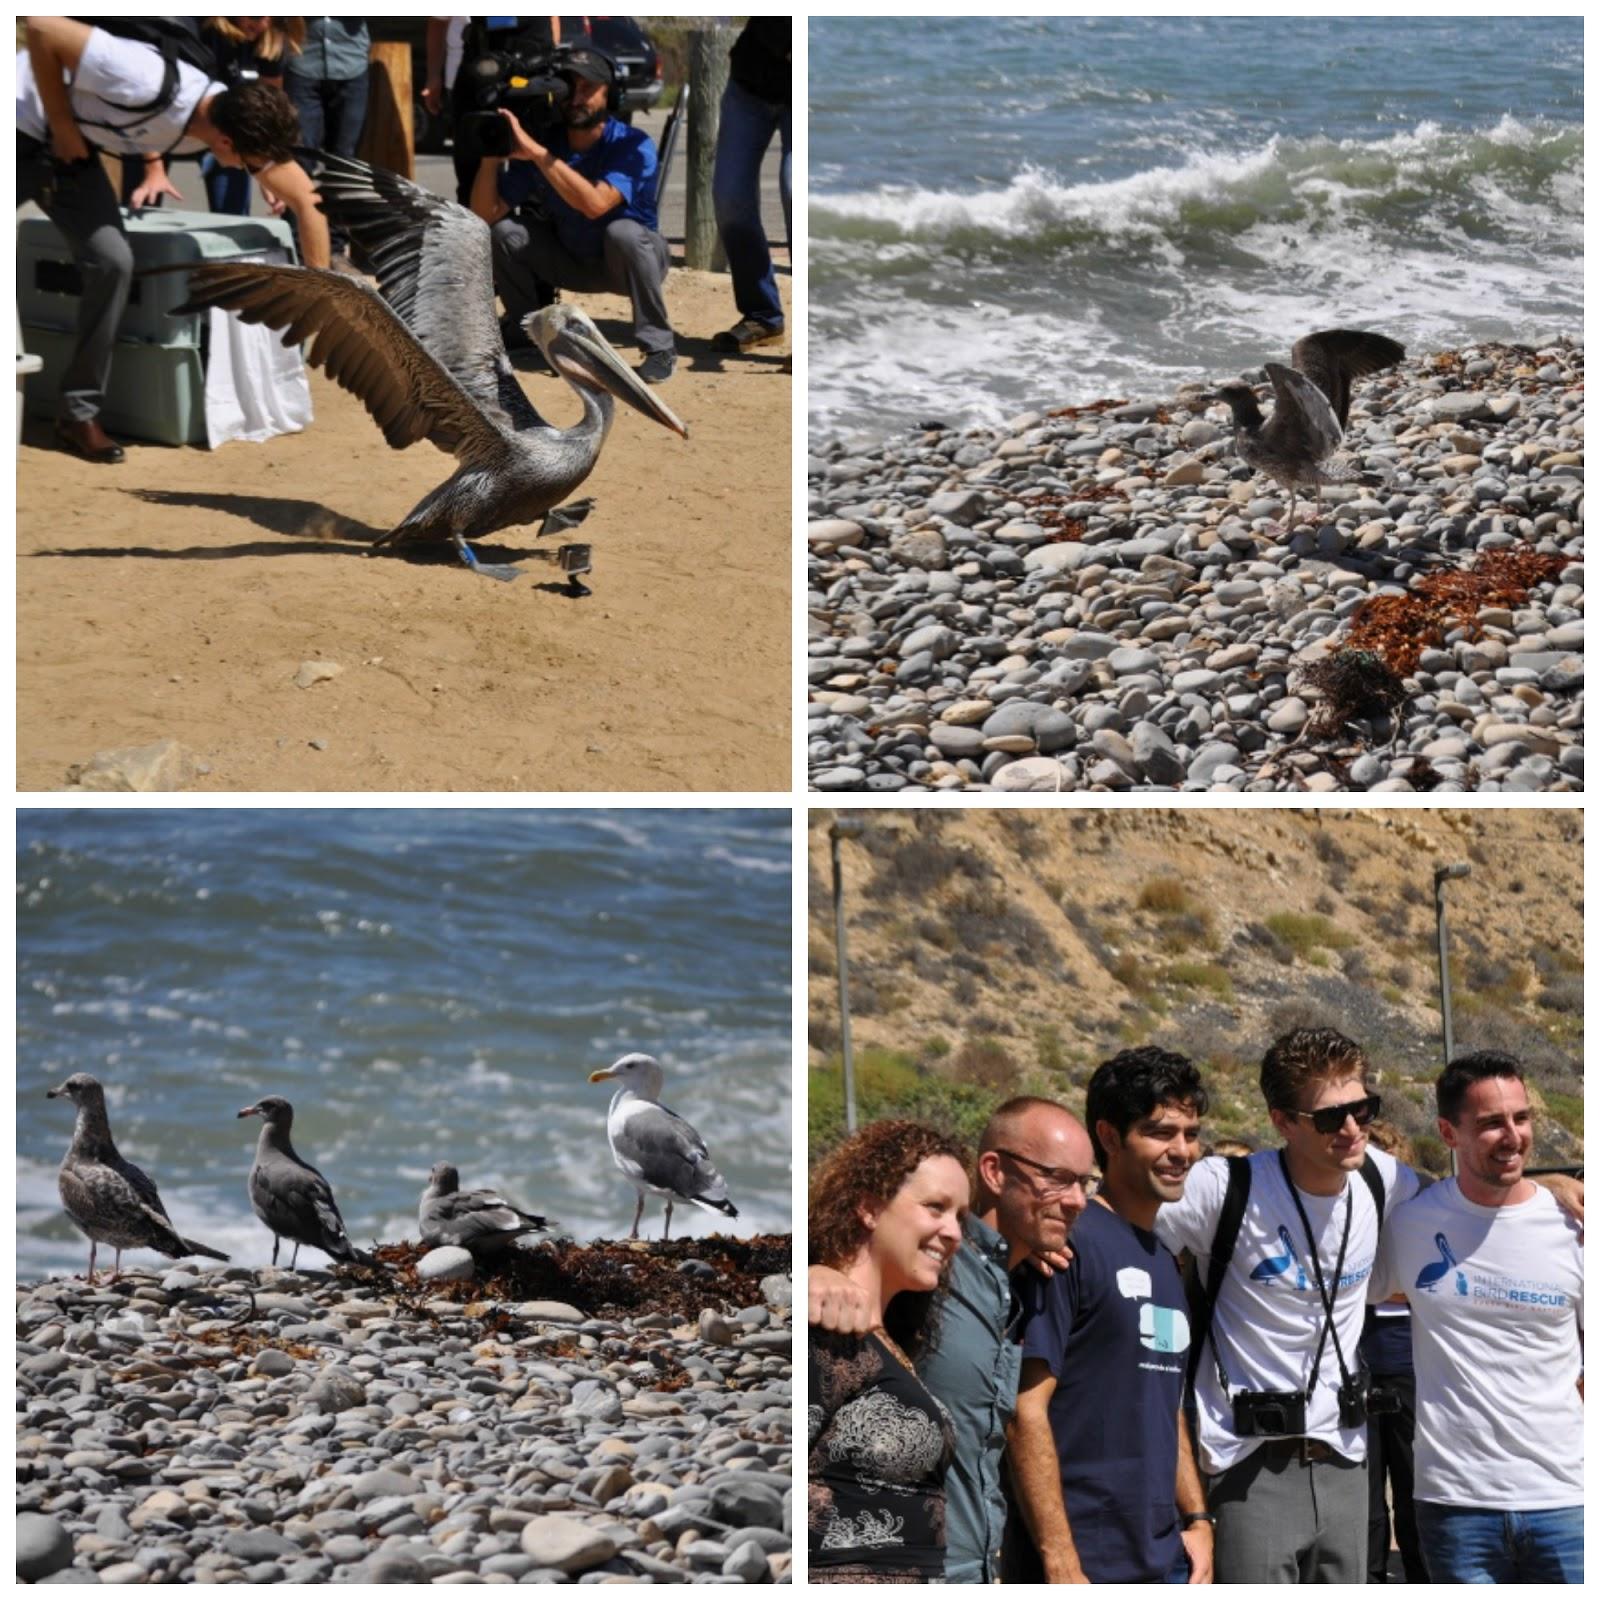 Brown Pelican, Seagulls, Keegan Allen, Adrian Grenier